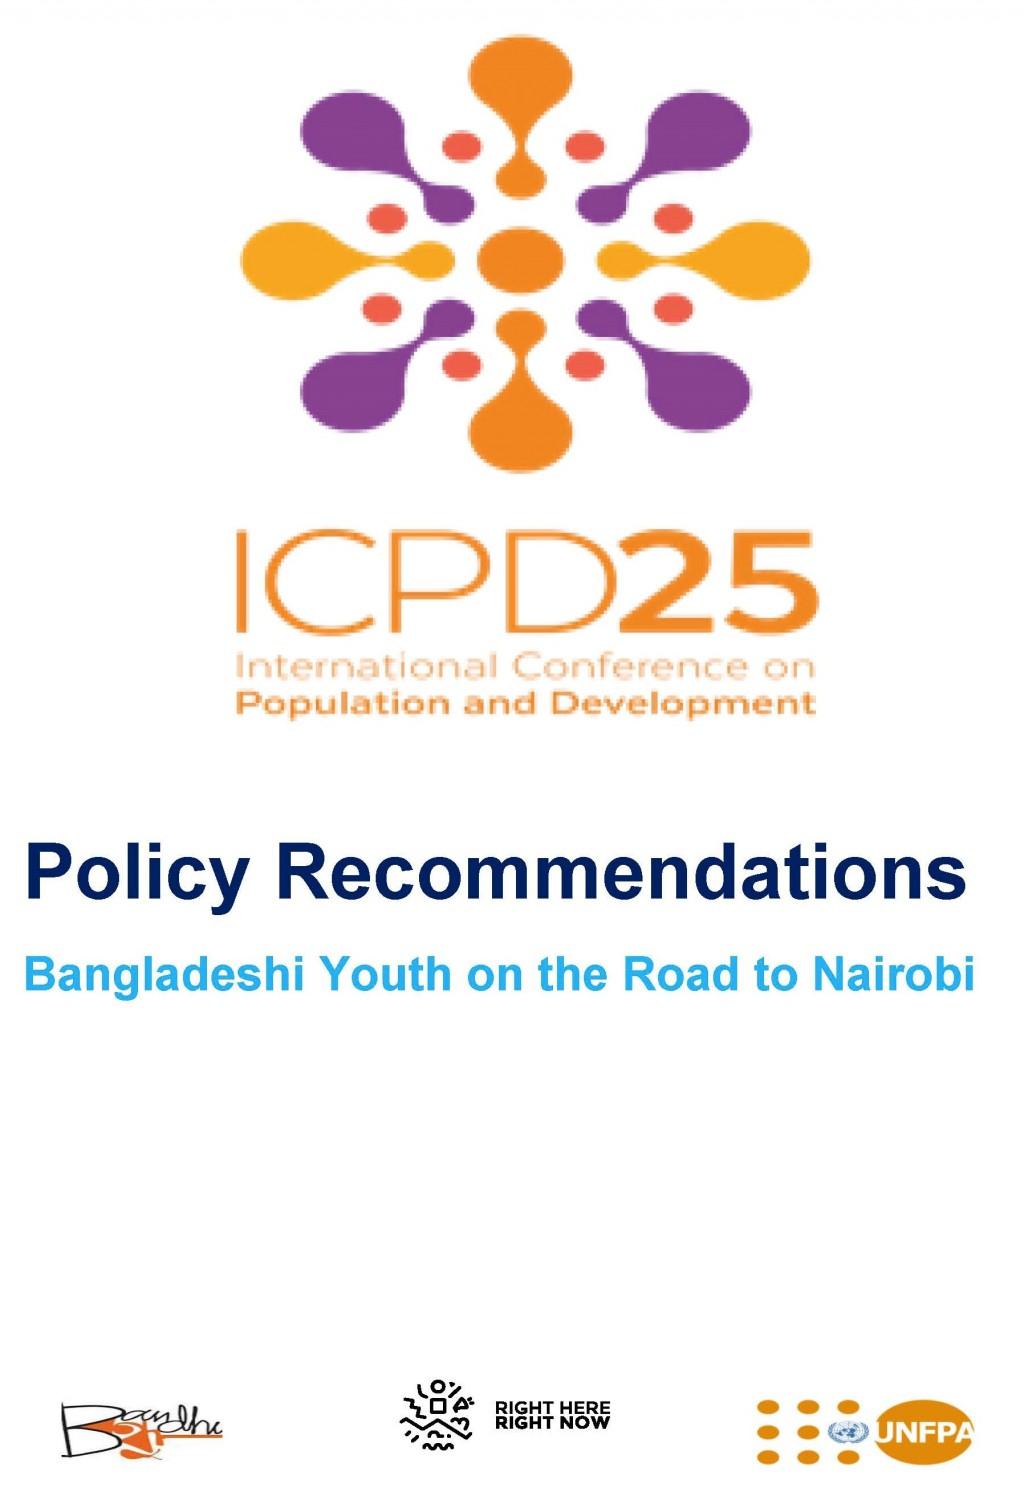 PolicyAdvocacy